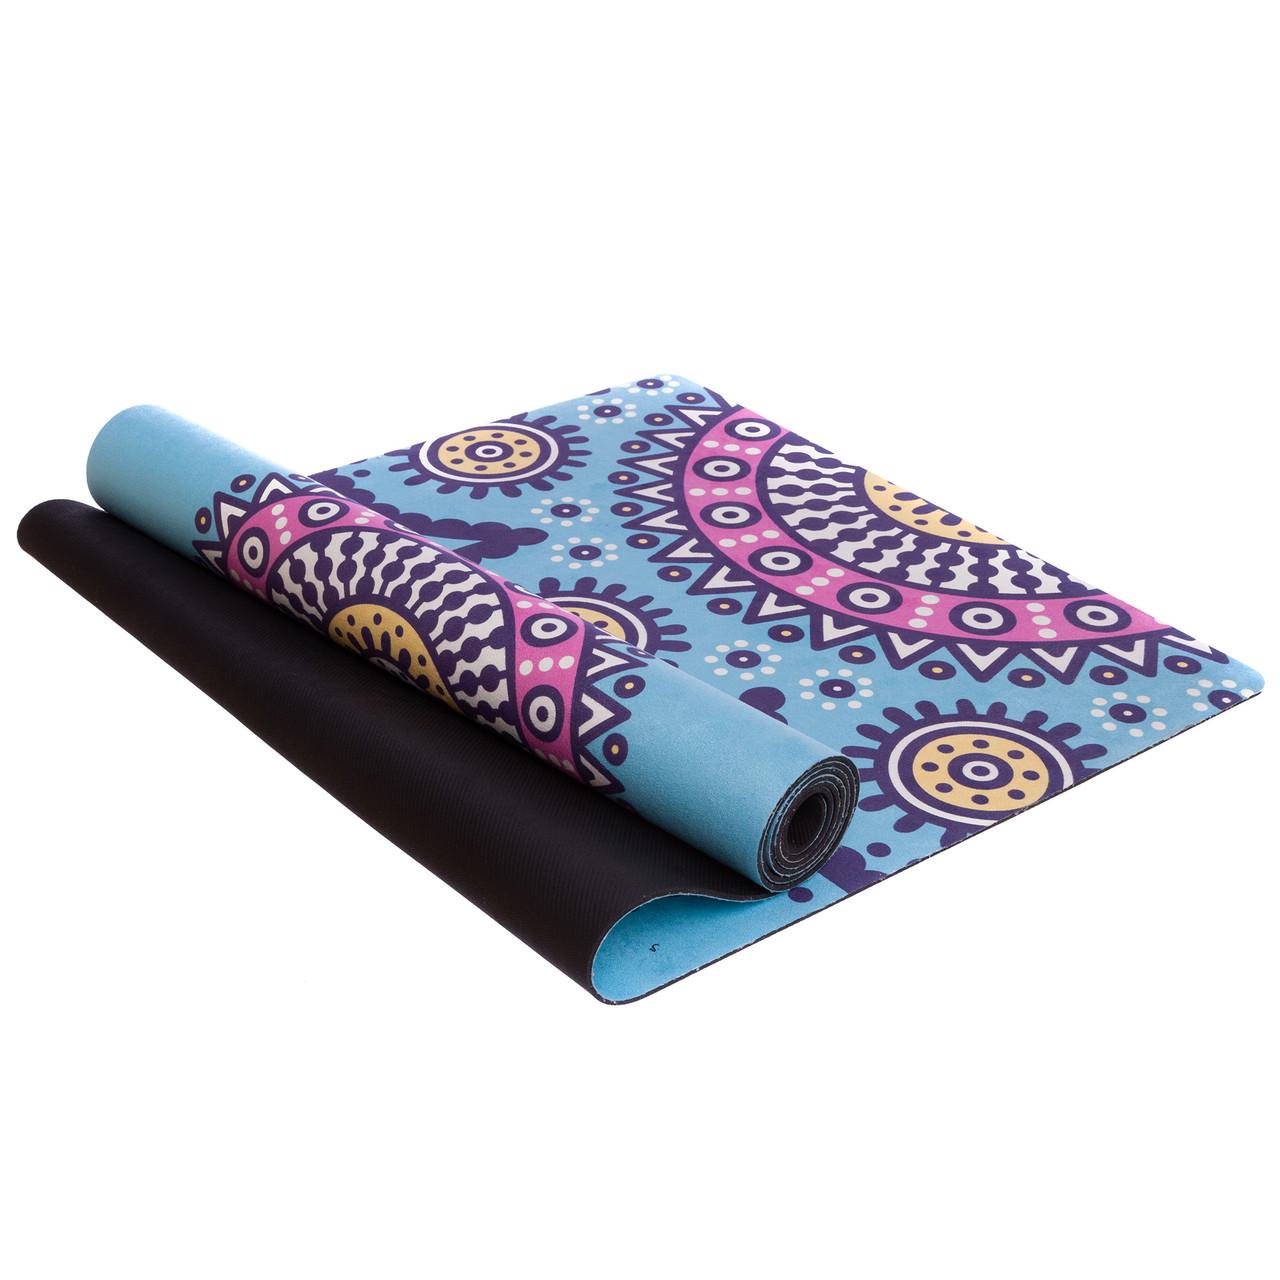 Коврик для йоги и финеса Zelart Yogamat двухслойный 3 мм замшевый, каучук (FI-5662-56)